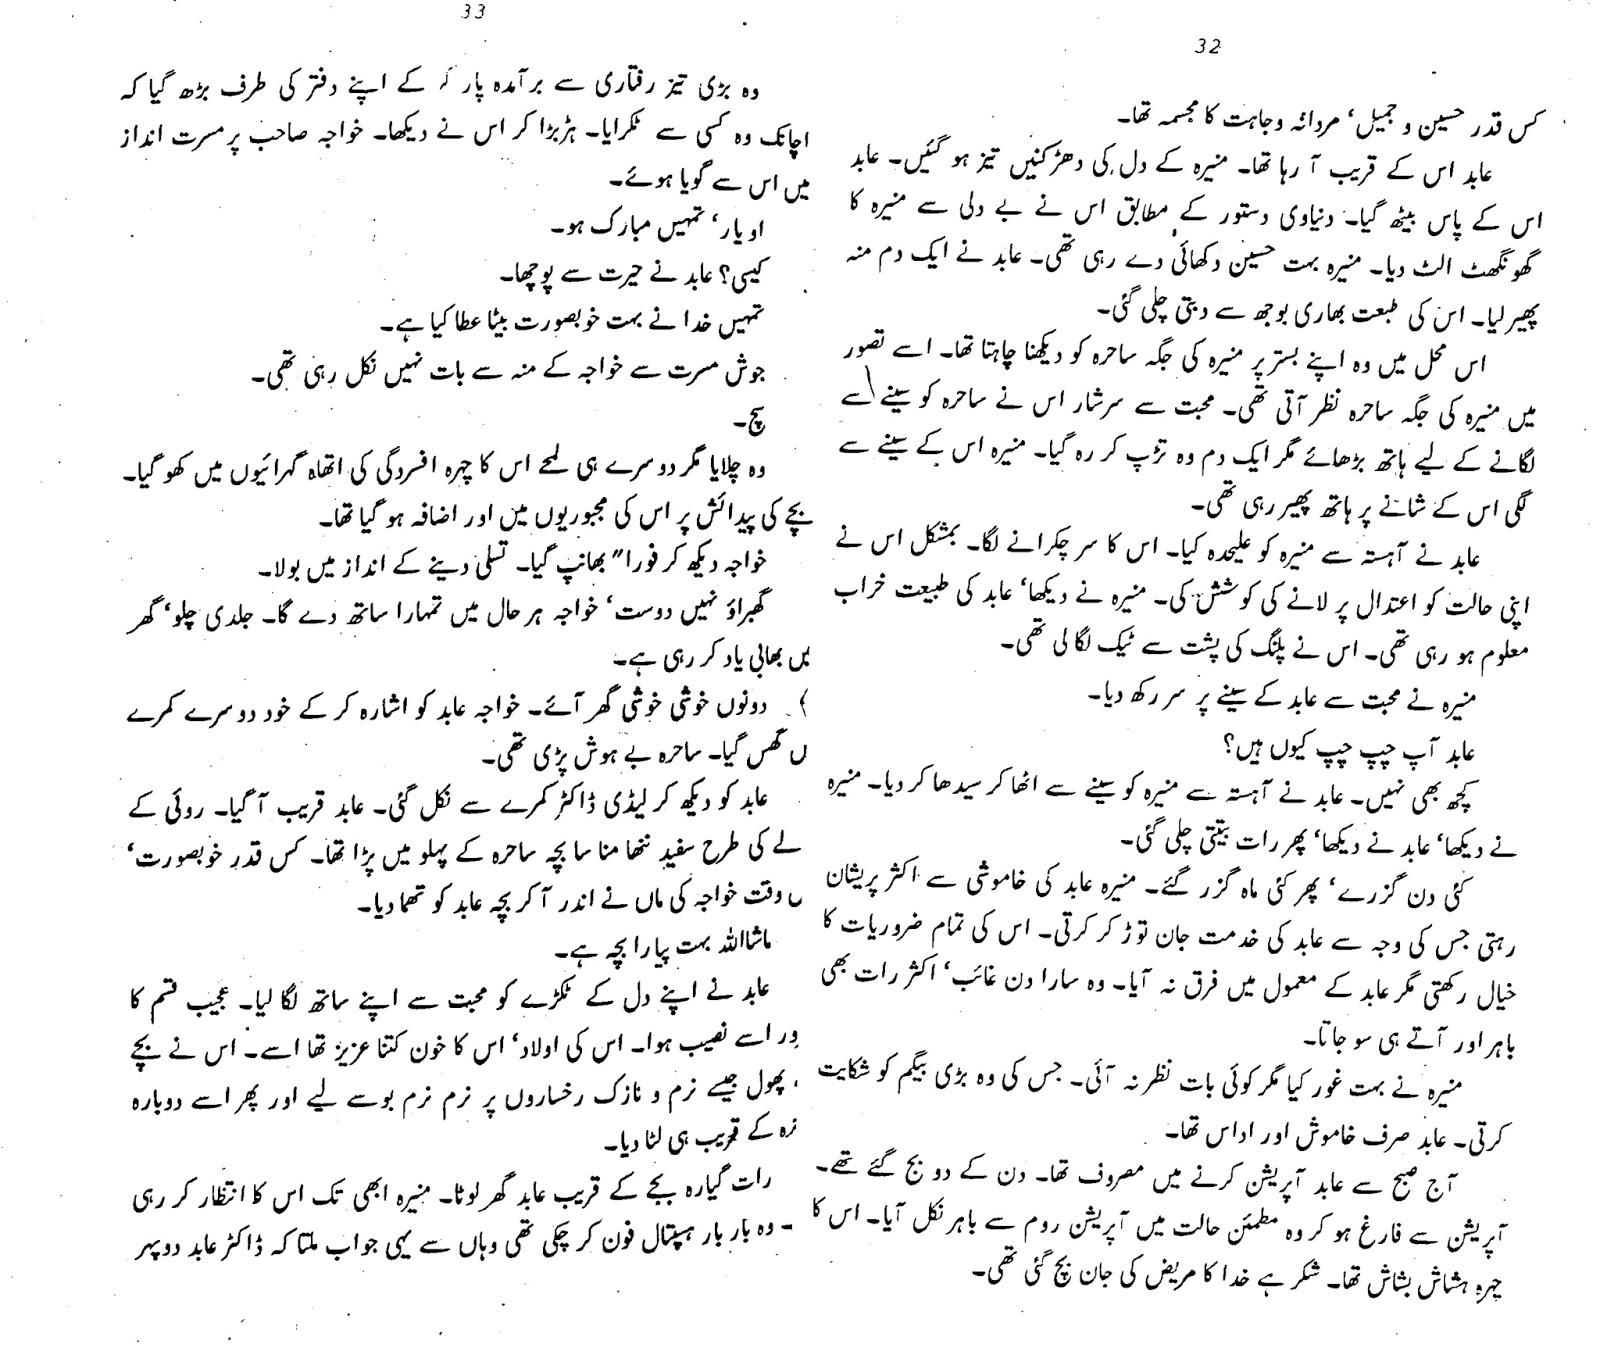 Jala samrakshana essay writer